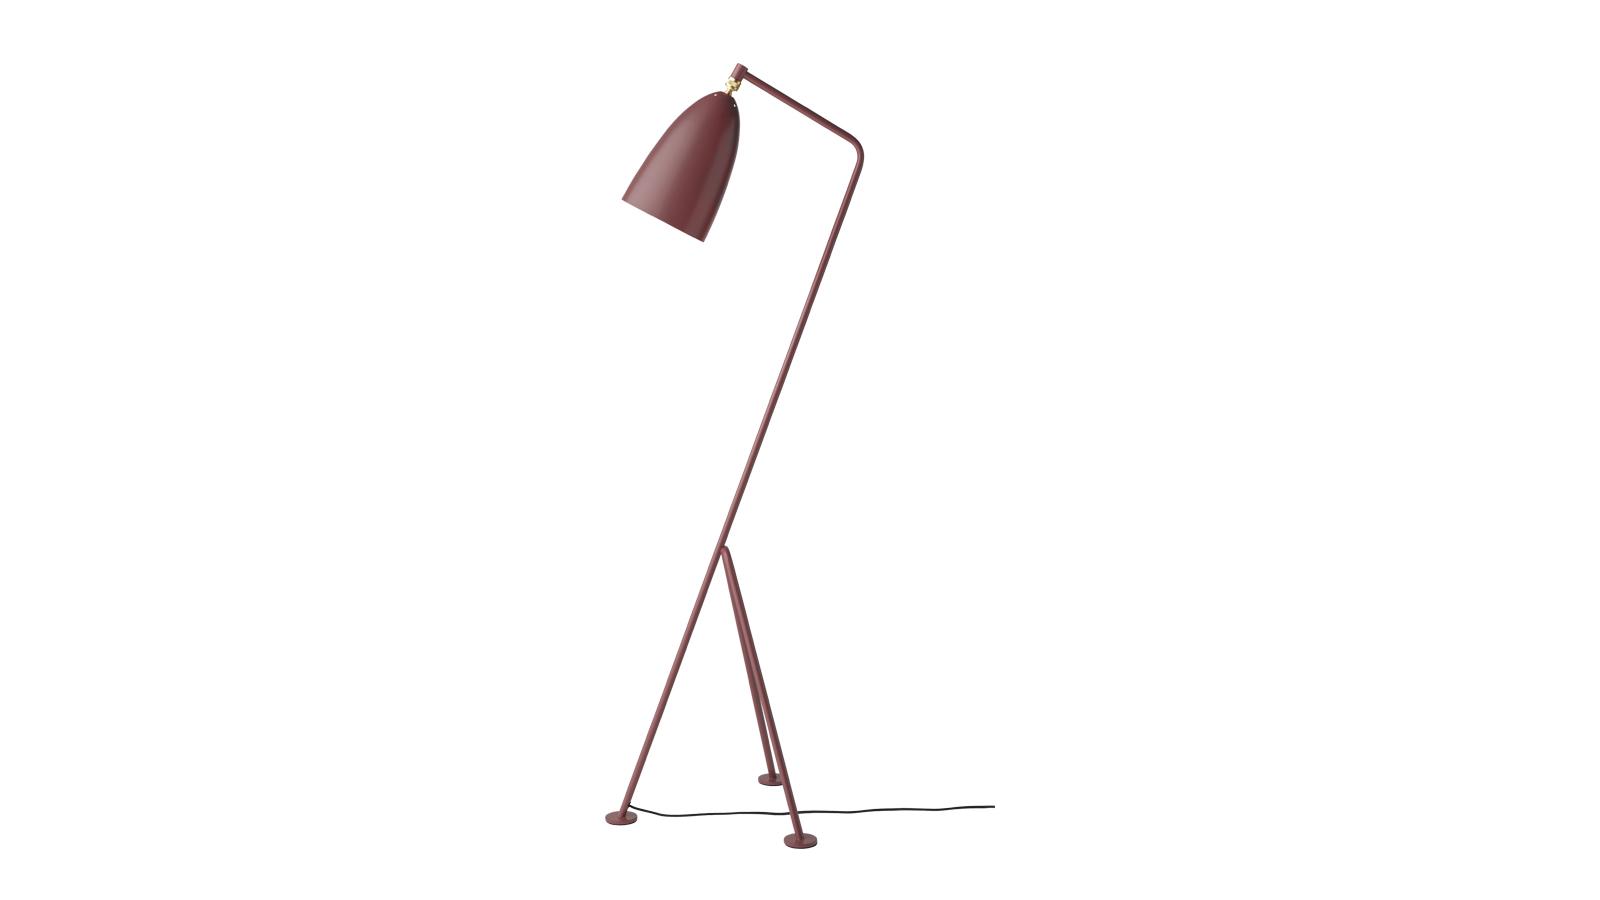 Az Ikonikus Gräshoppa asztali lámpát 1947-ben mutatták be Greta M. Grossman tervezésében. Az egyedi háromlábú tartószerkezet egyik lábának meggyújtása tartja a lámpafejet - amely mintha a természetestől ellentétes irányba kanyarodna. A megdöntött kompozíció azt az illúziót kelti, hogy a lámpa lépésben van, és követi áldozatát. Grossmann egyik legnépszerűbb darabja nem csak stílusos, de praktiklus elem is: forgatható fejének köszönhetően direkt fényt biztosít a megvilágított területre.